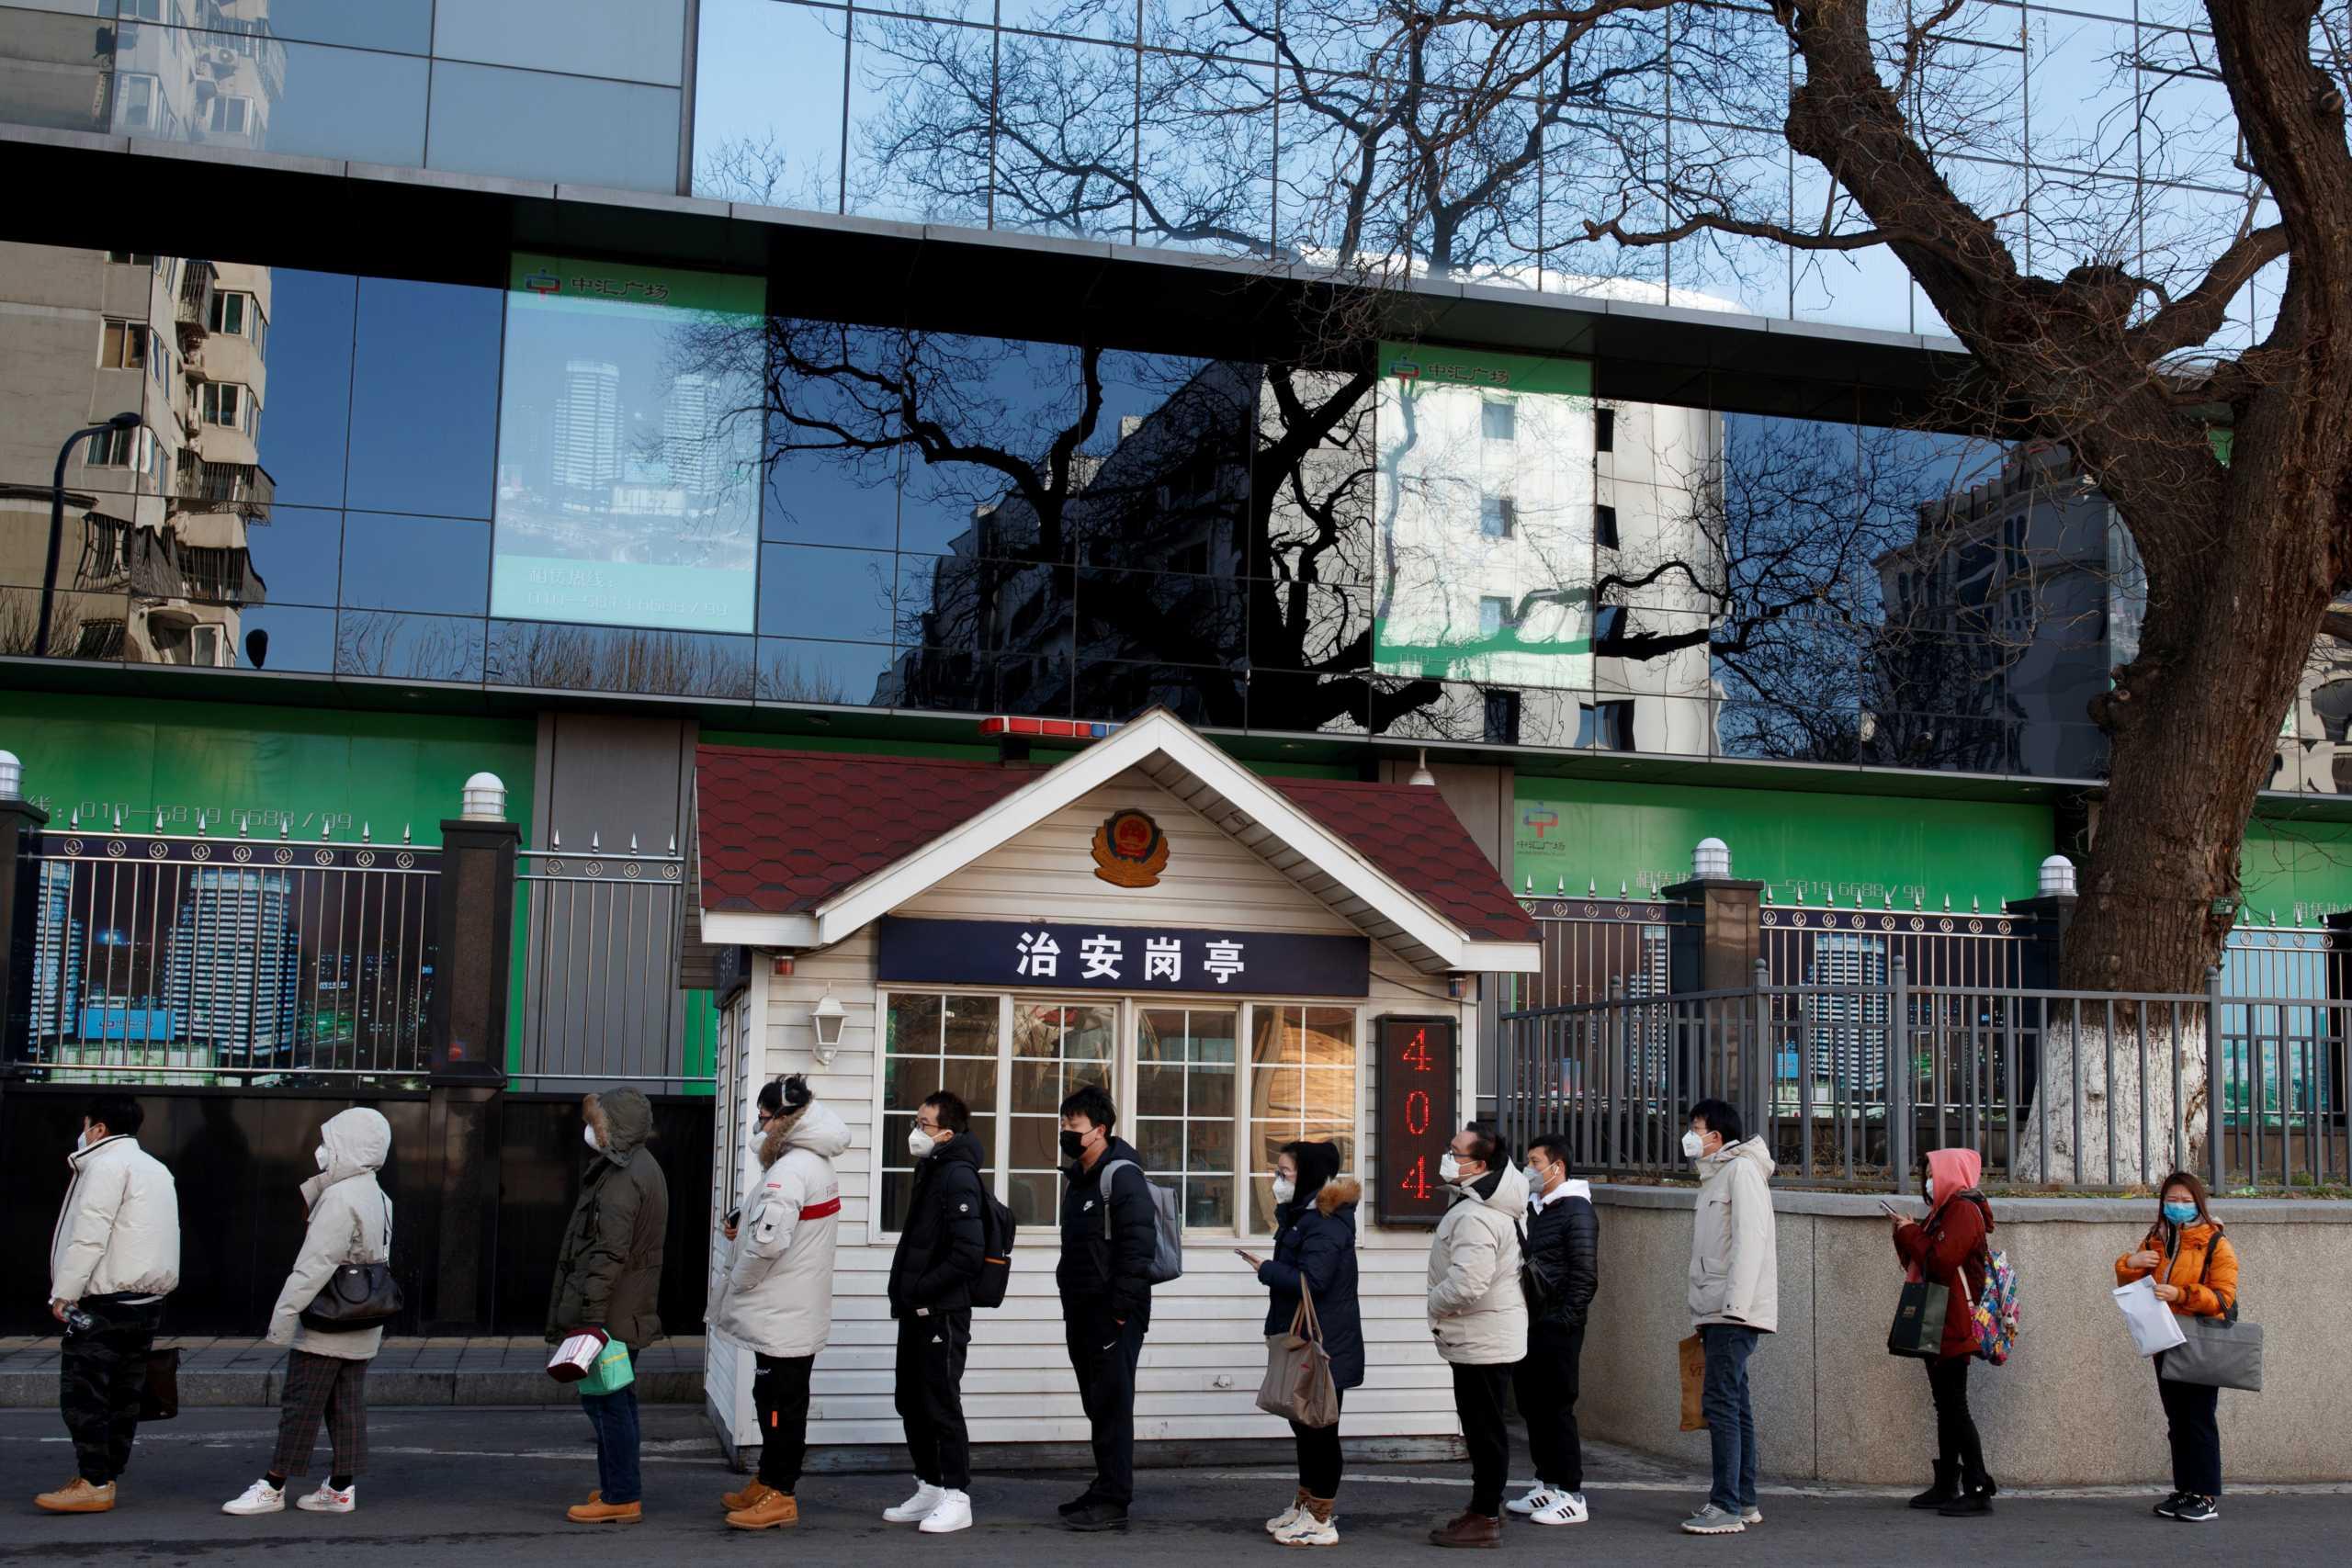 Κορονοϊός: Οι έγκυες Κινέζες φοβούνται να γεννήσουν στα νοσοκομεία